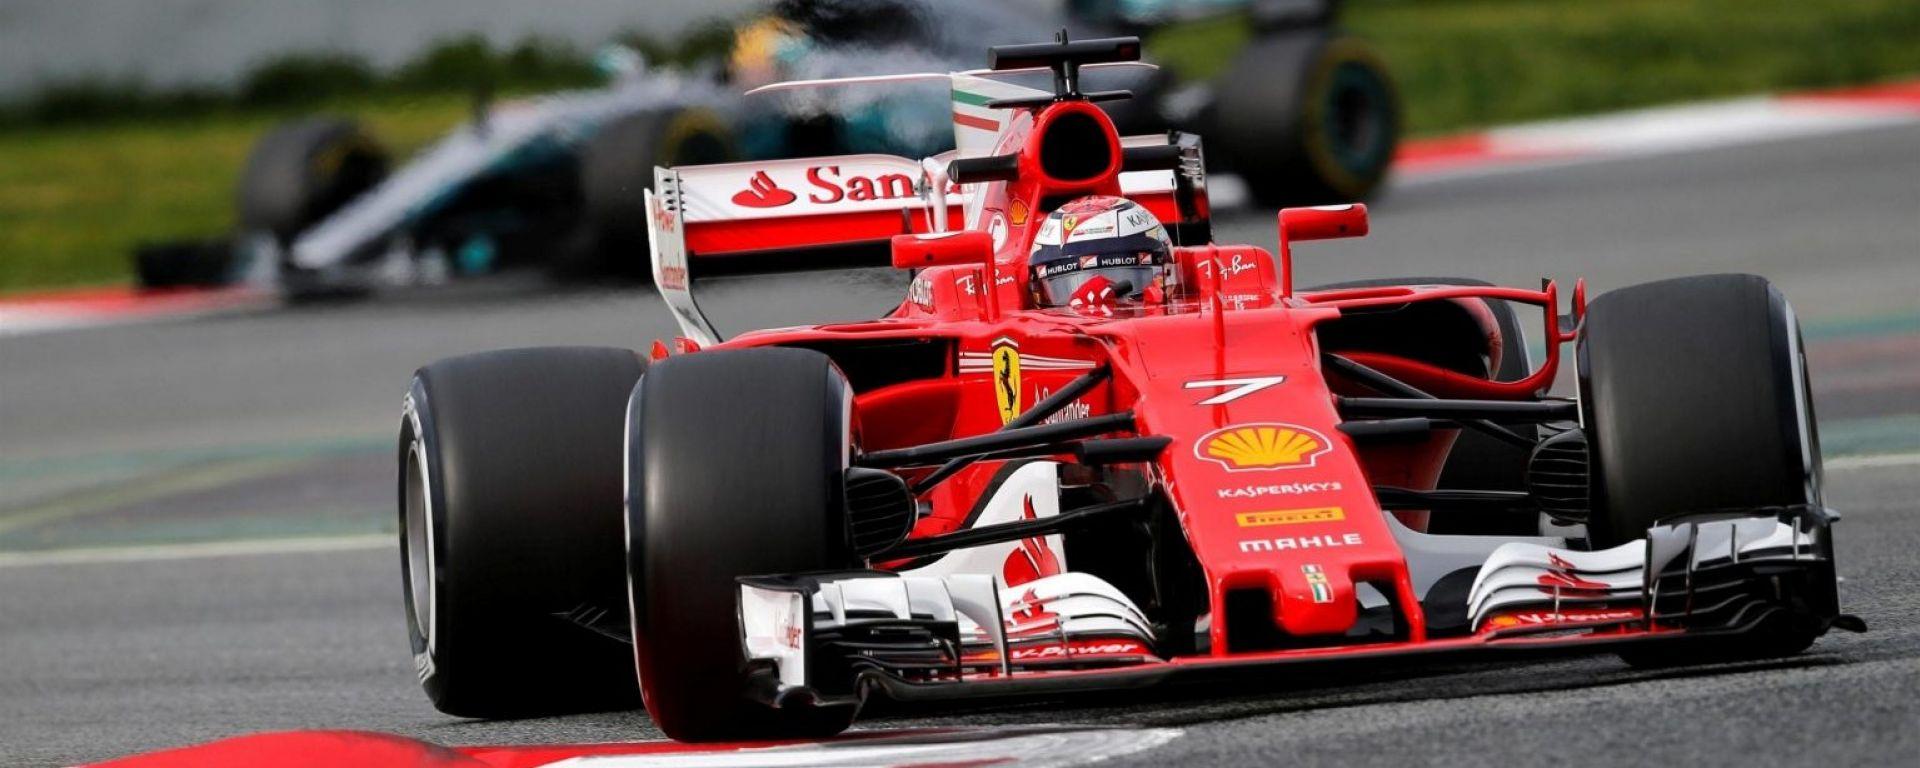 Raikkonen e la Ferrari - F1 2017 test Barcellona